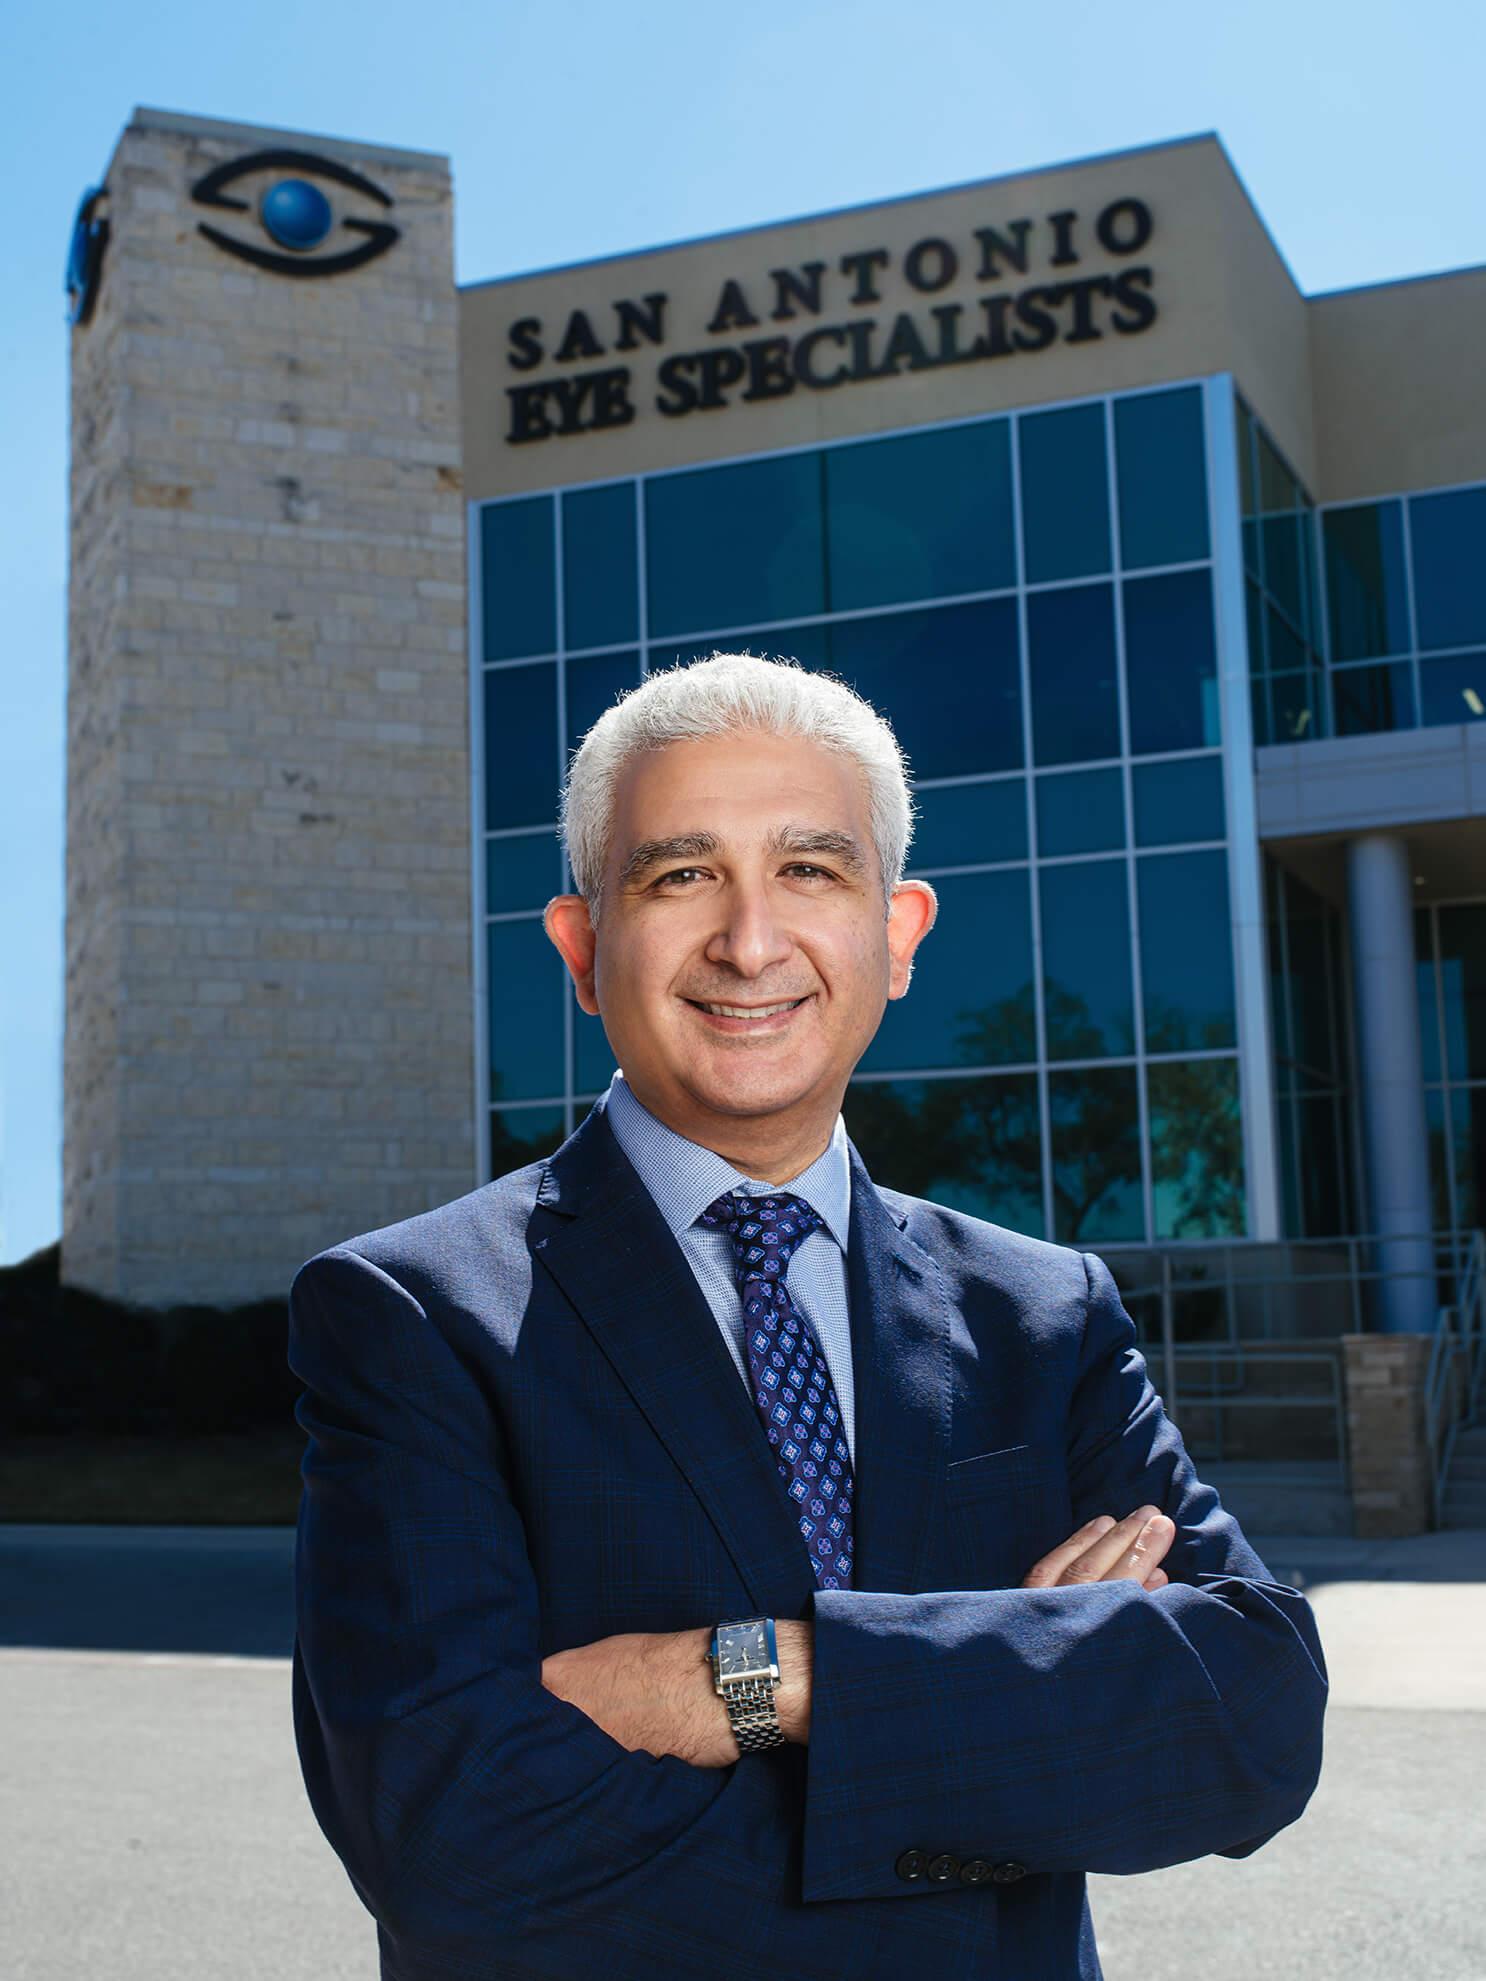 Smiling Dr. Iskander